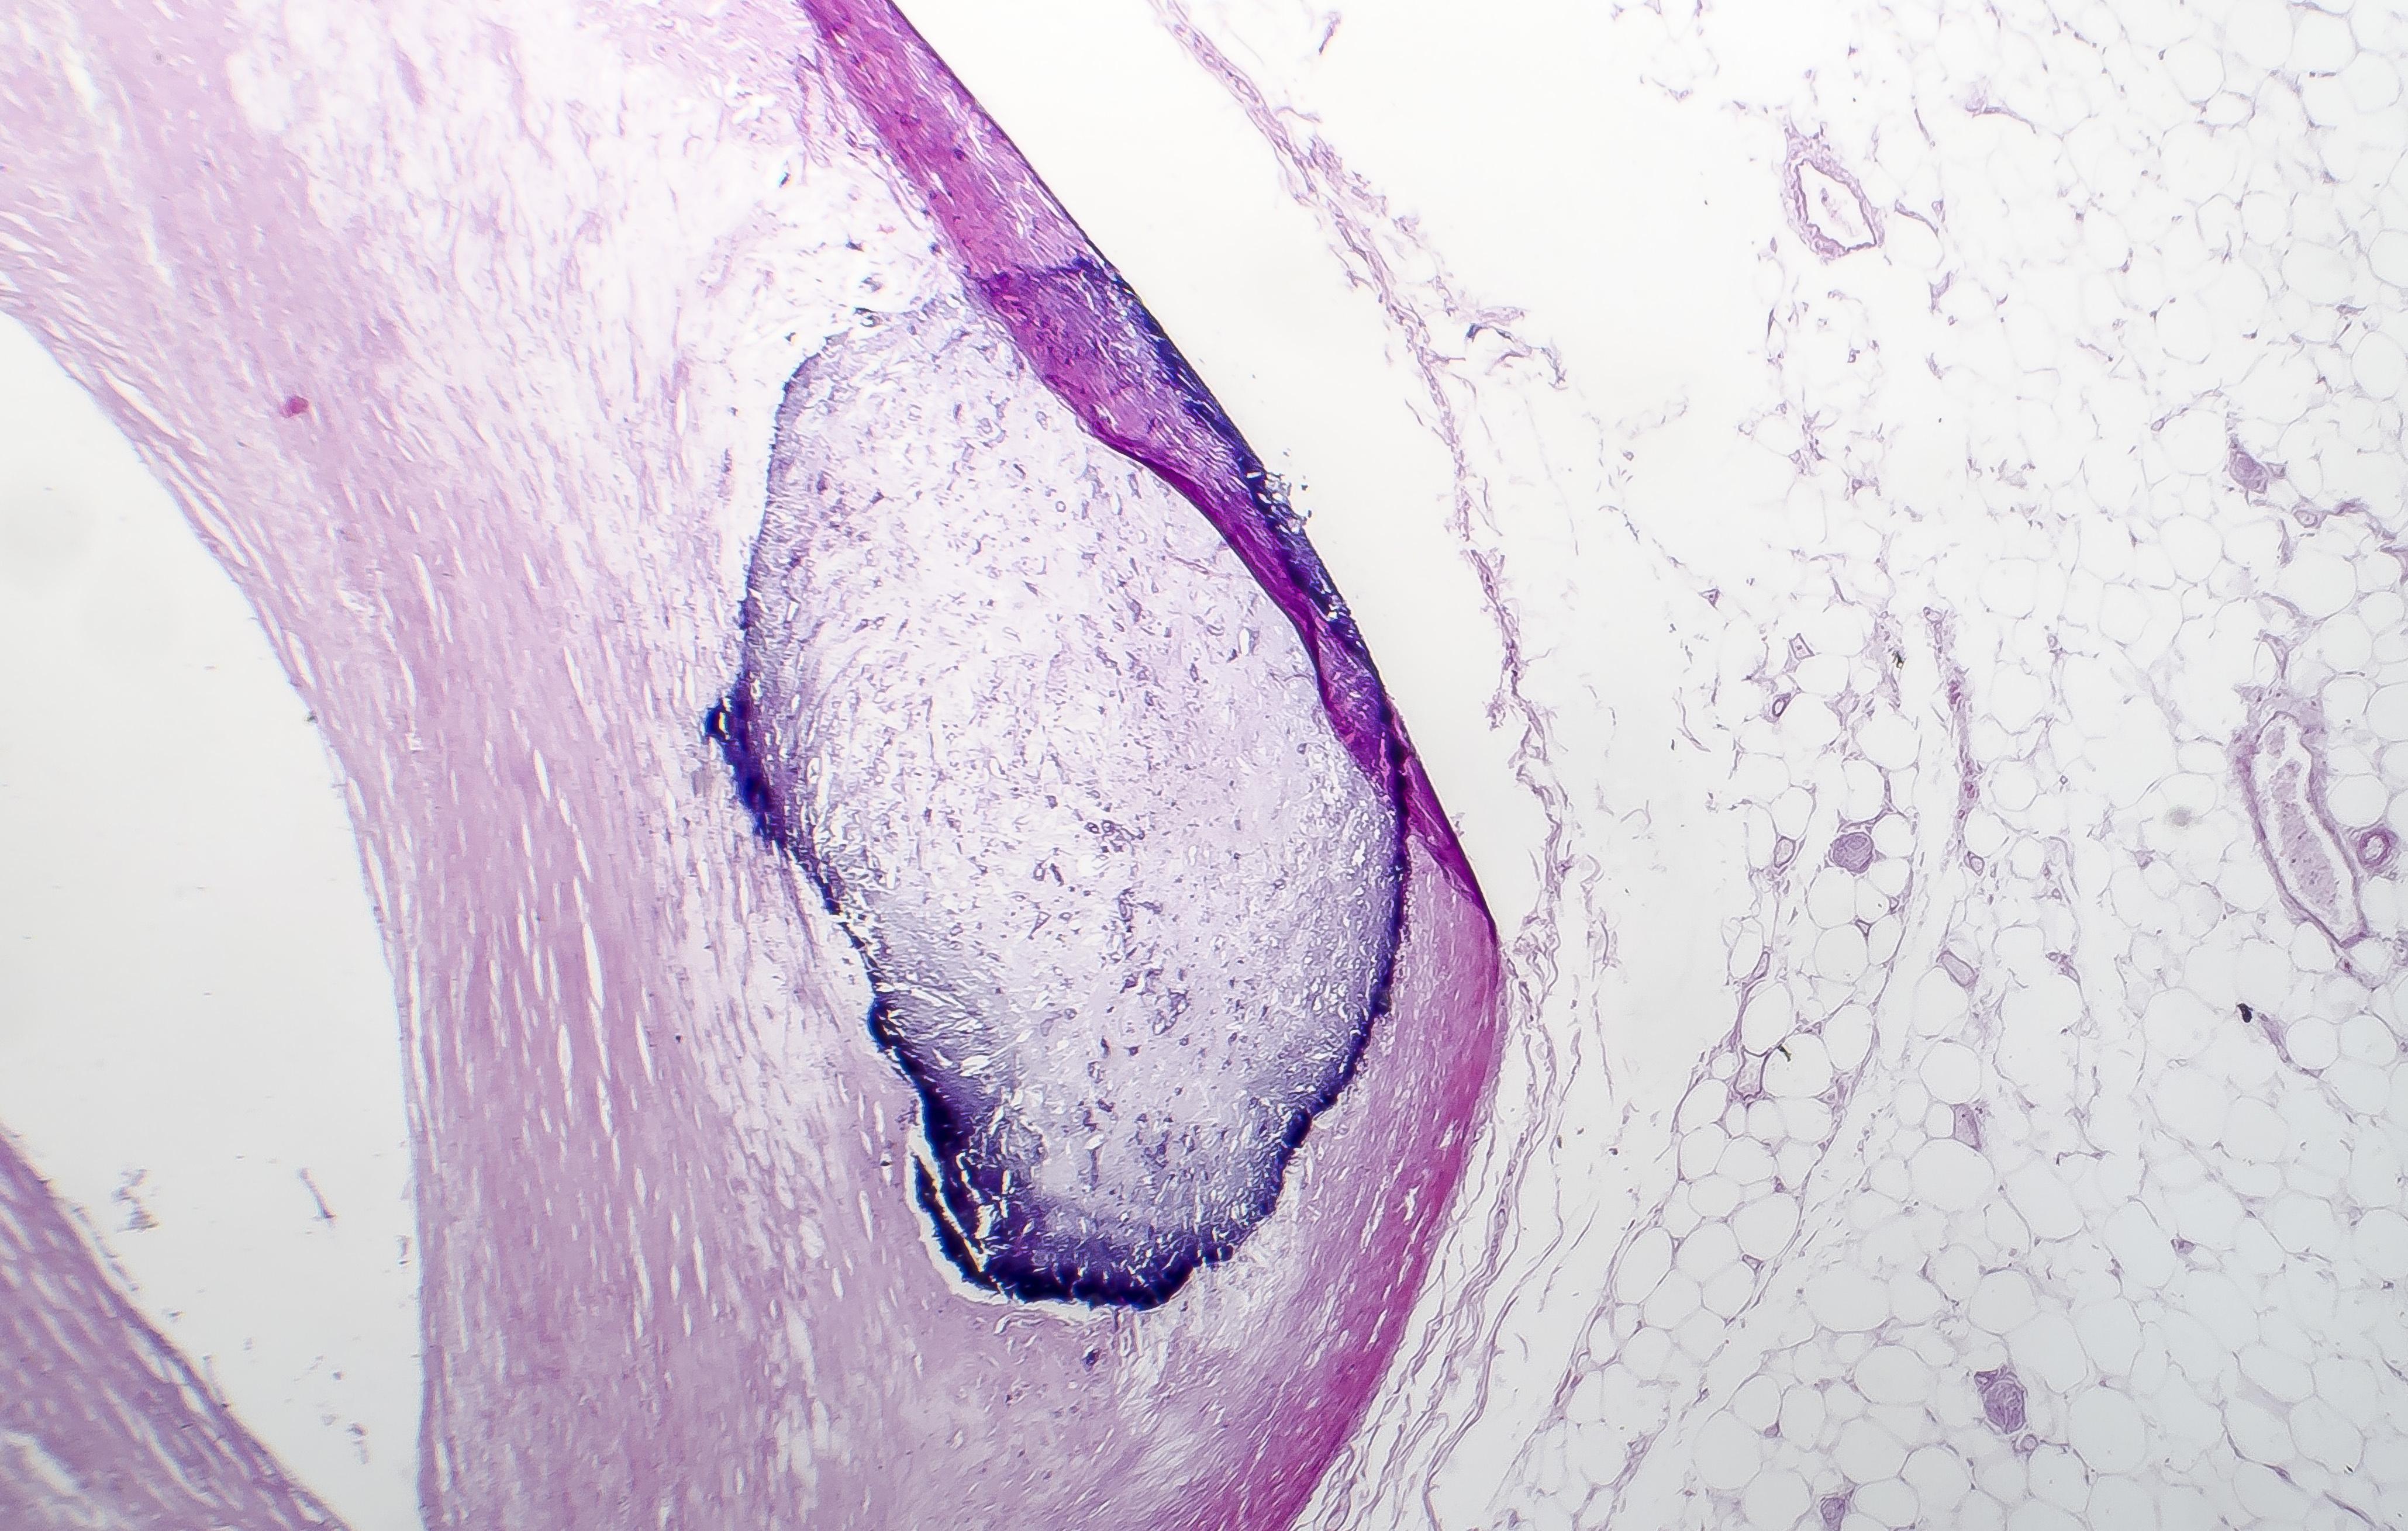 De minuscules particules ressemblant à de l'os sont retrouvées dans la circulation sanguine périphérique